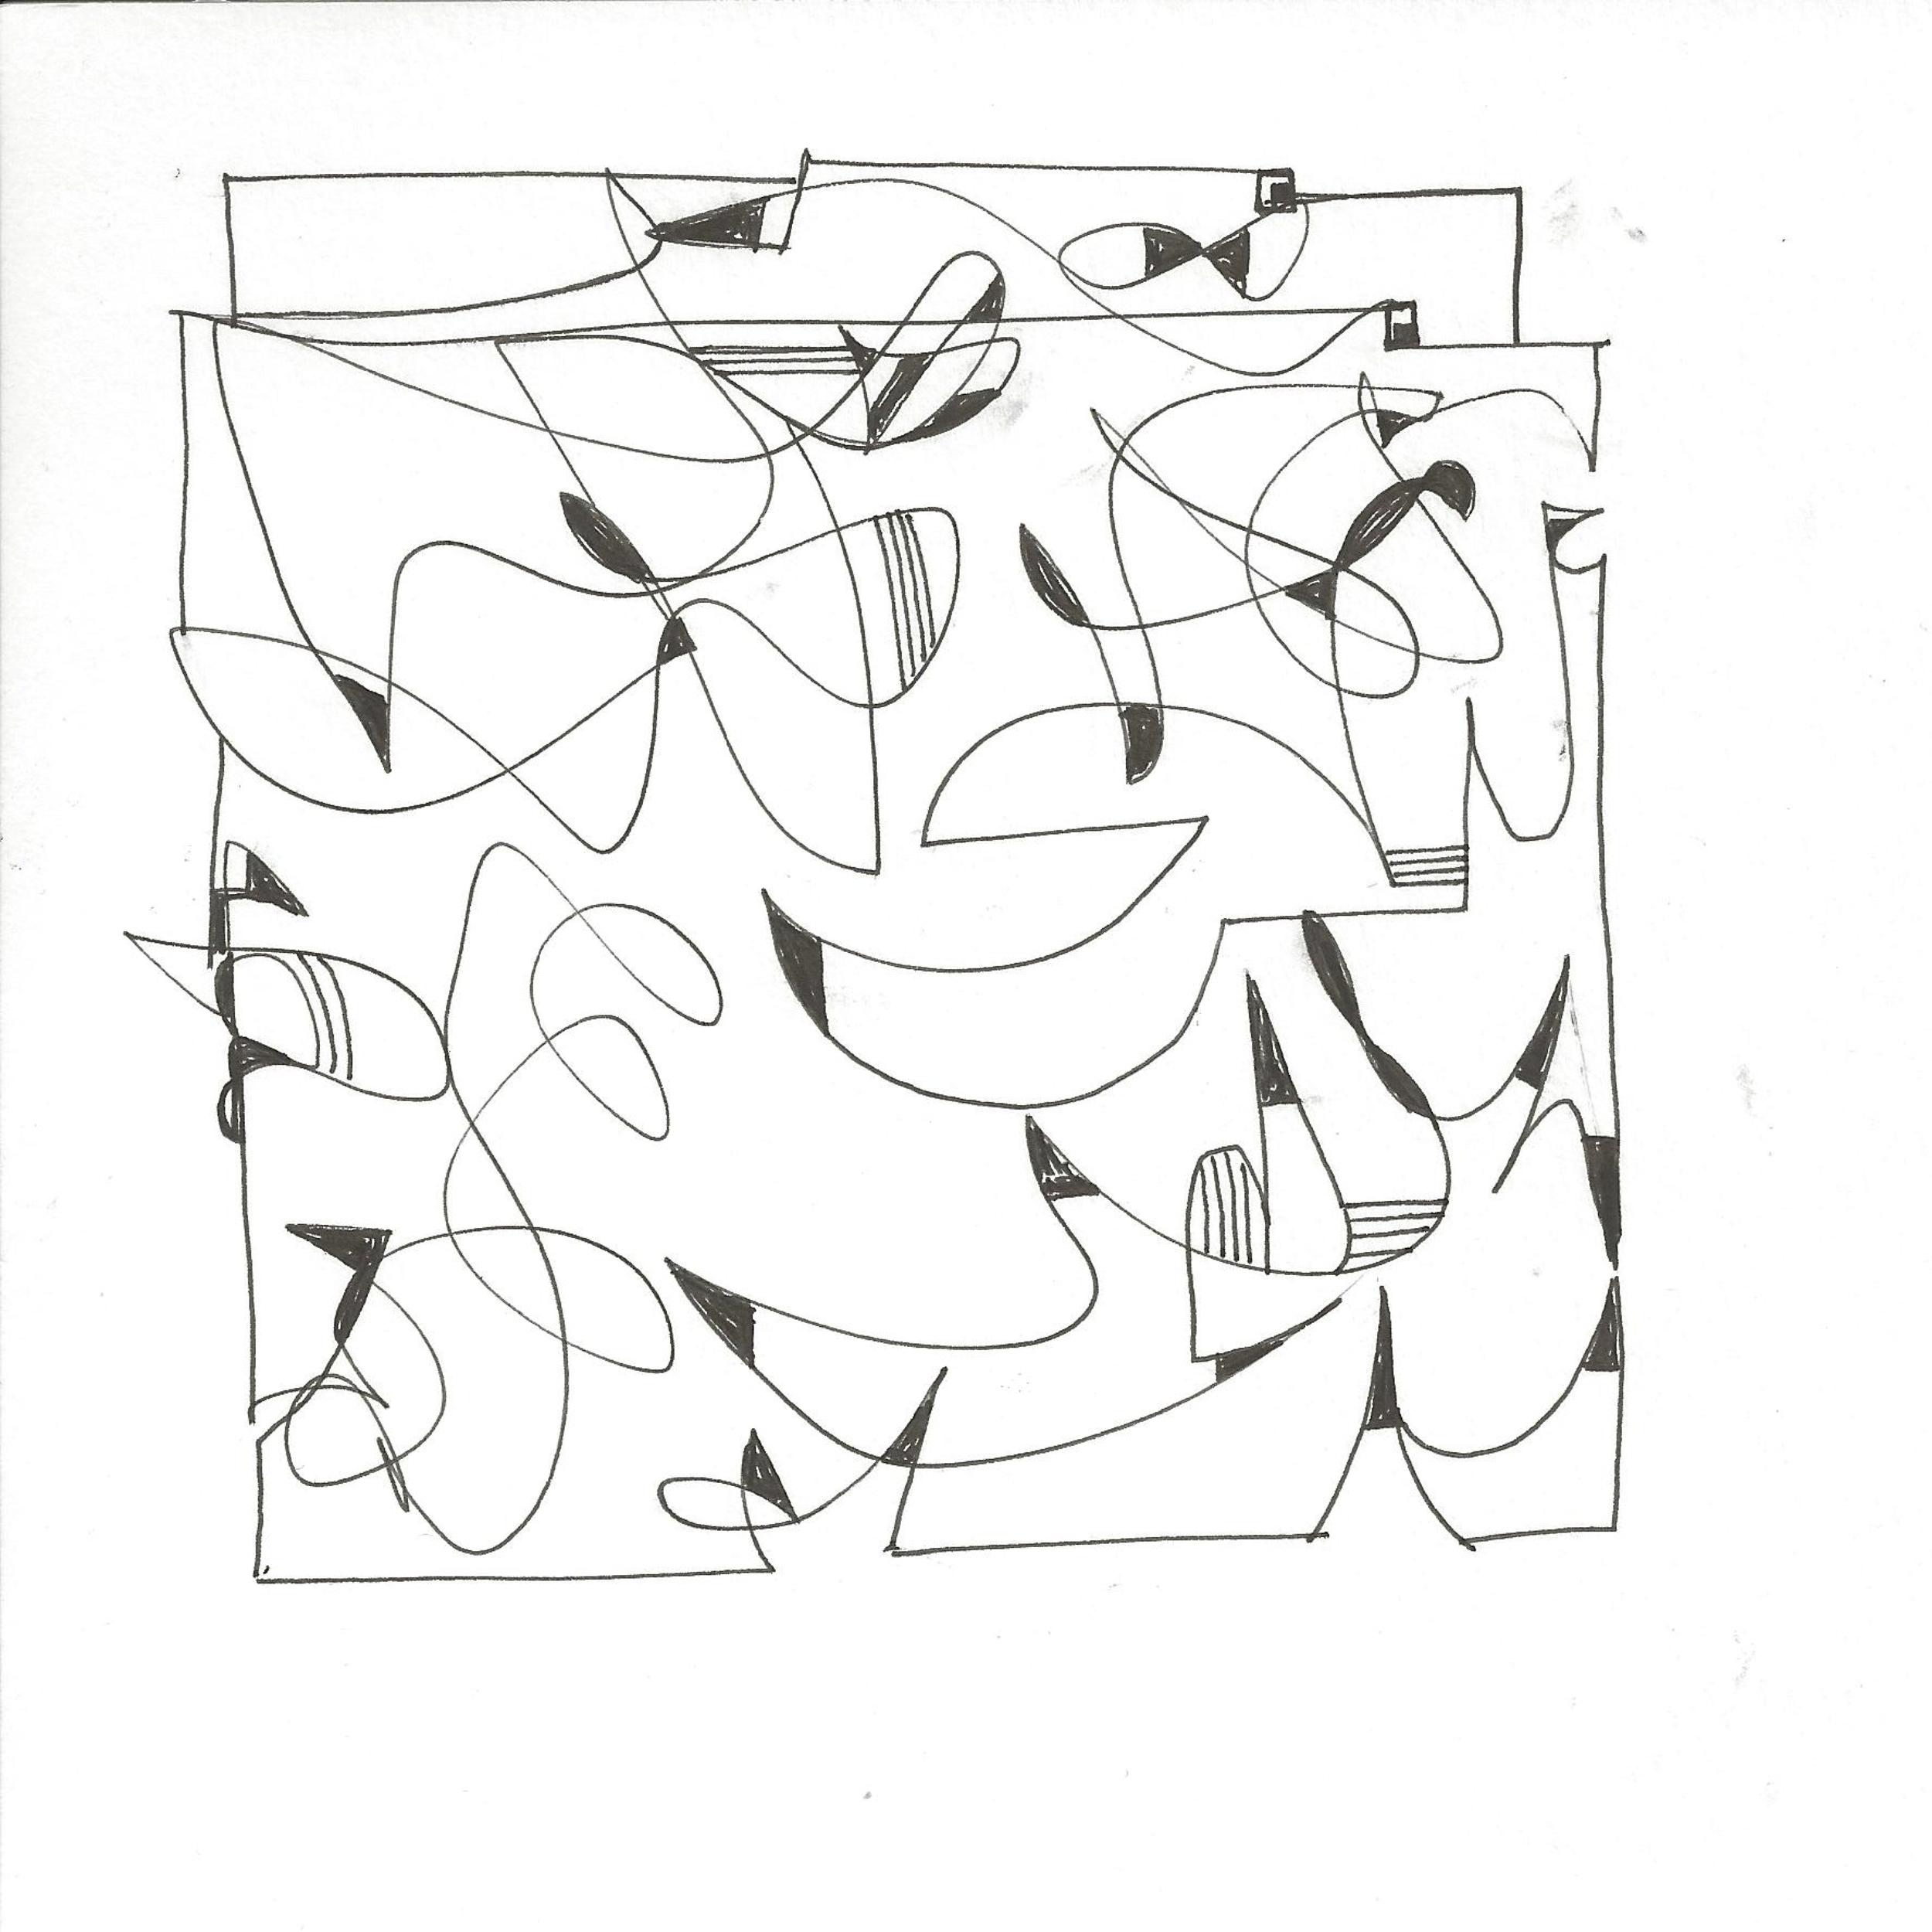 doodle 003.jpg